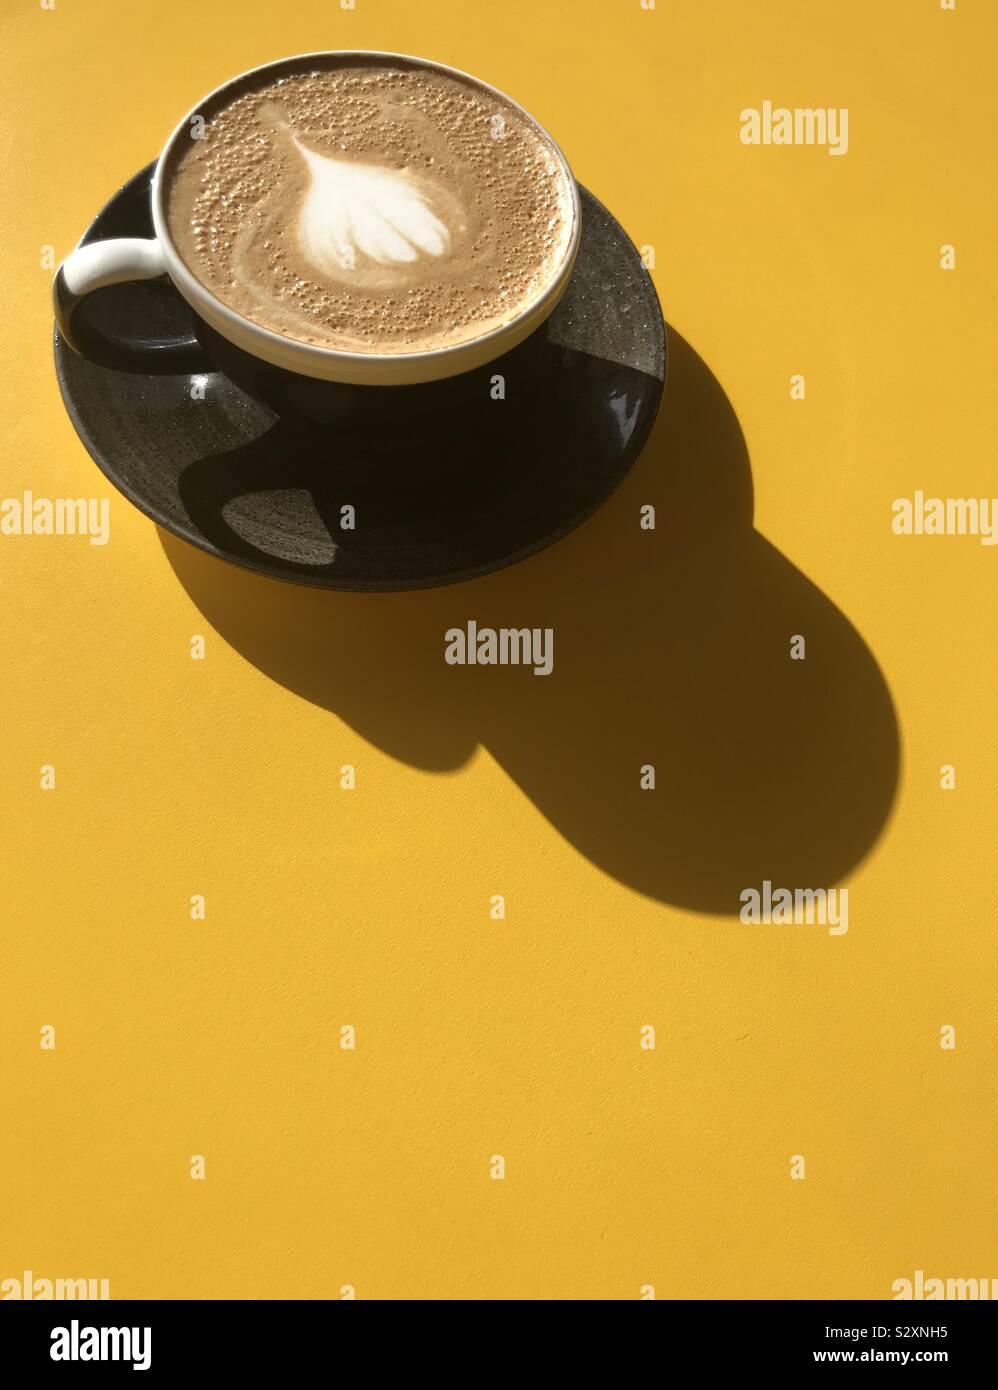 Café bajo el sol, lanzando sombras gráfico Foto de stock